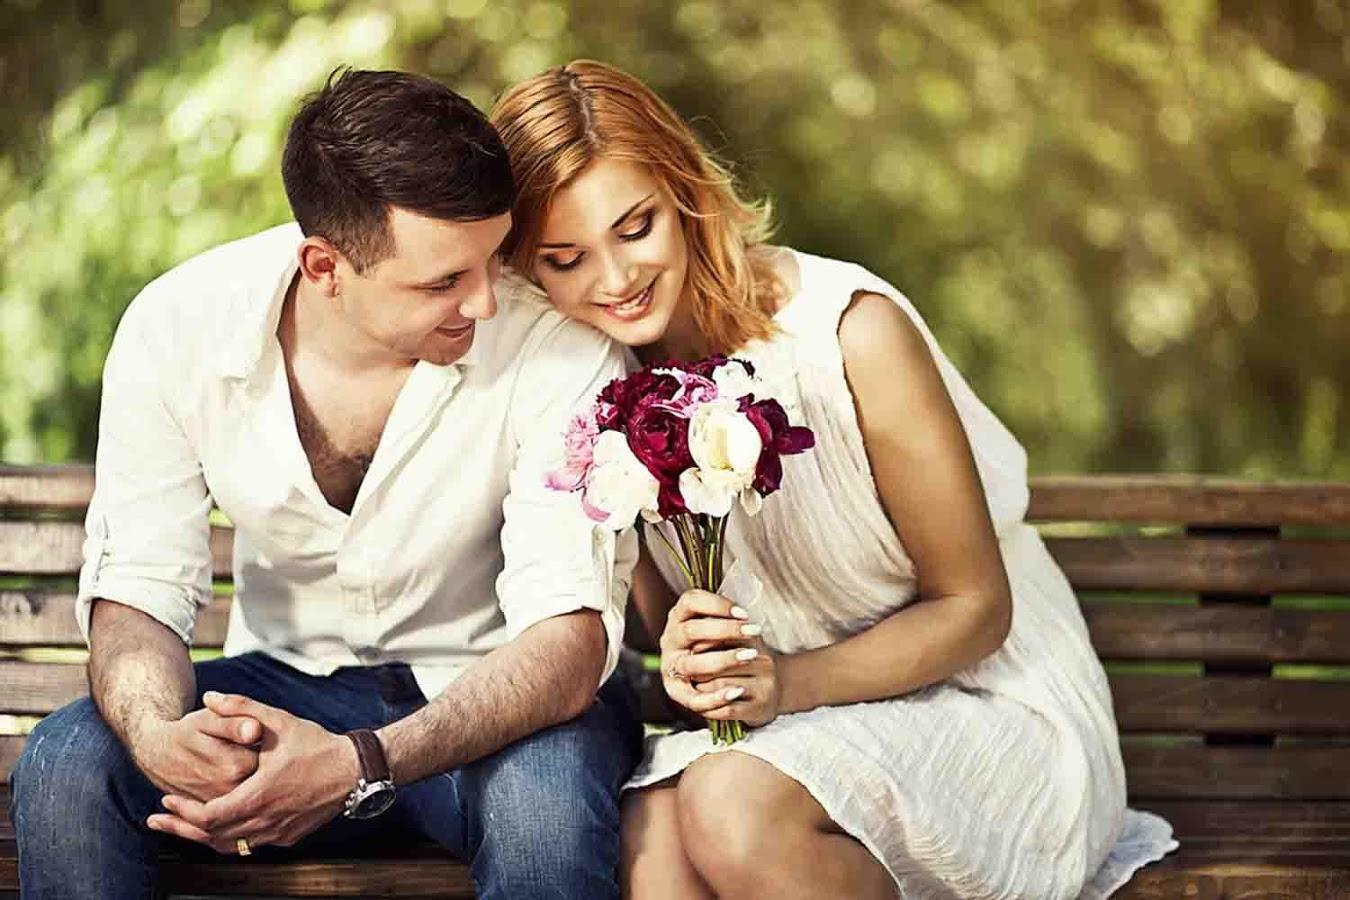 بالصور كيف يعبر الرجل عن حبه , كيف يعبر الرجل عن حبه لحبيبته 11529 1